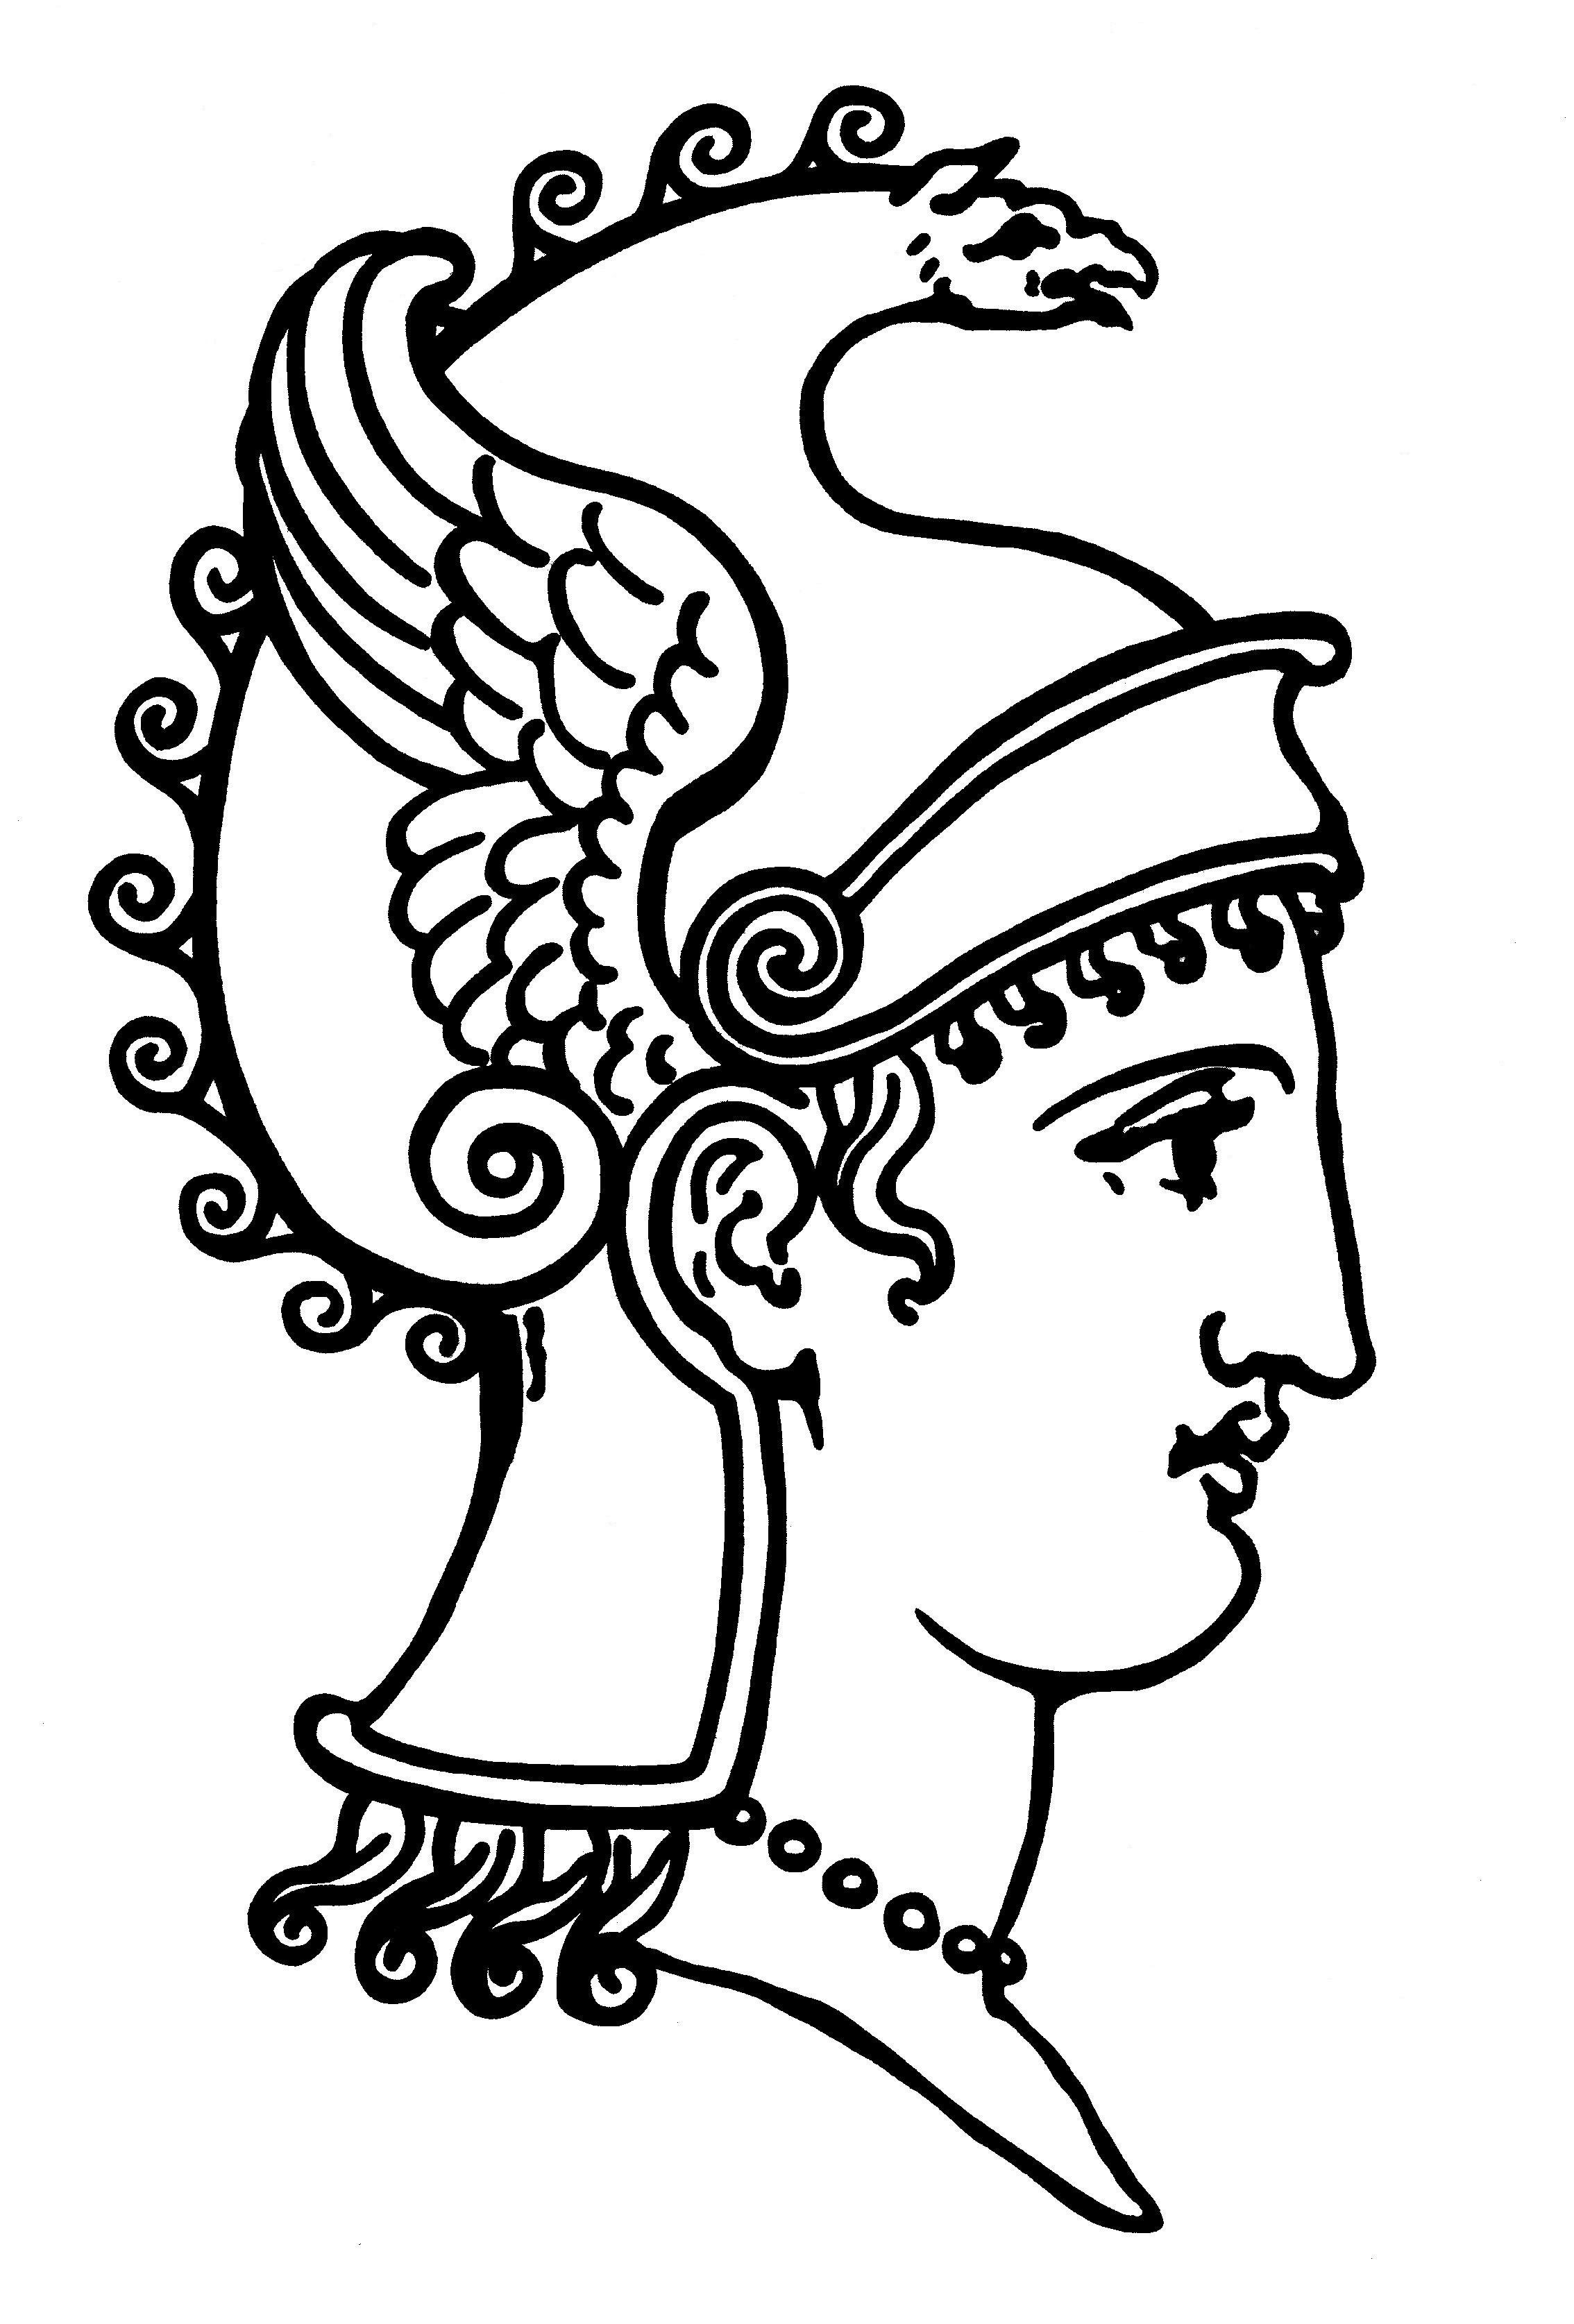 Kleurplaten Smurfen 2.Kleurplaten Thema Romeinen Kleurplaten Thema Geschiedenis